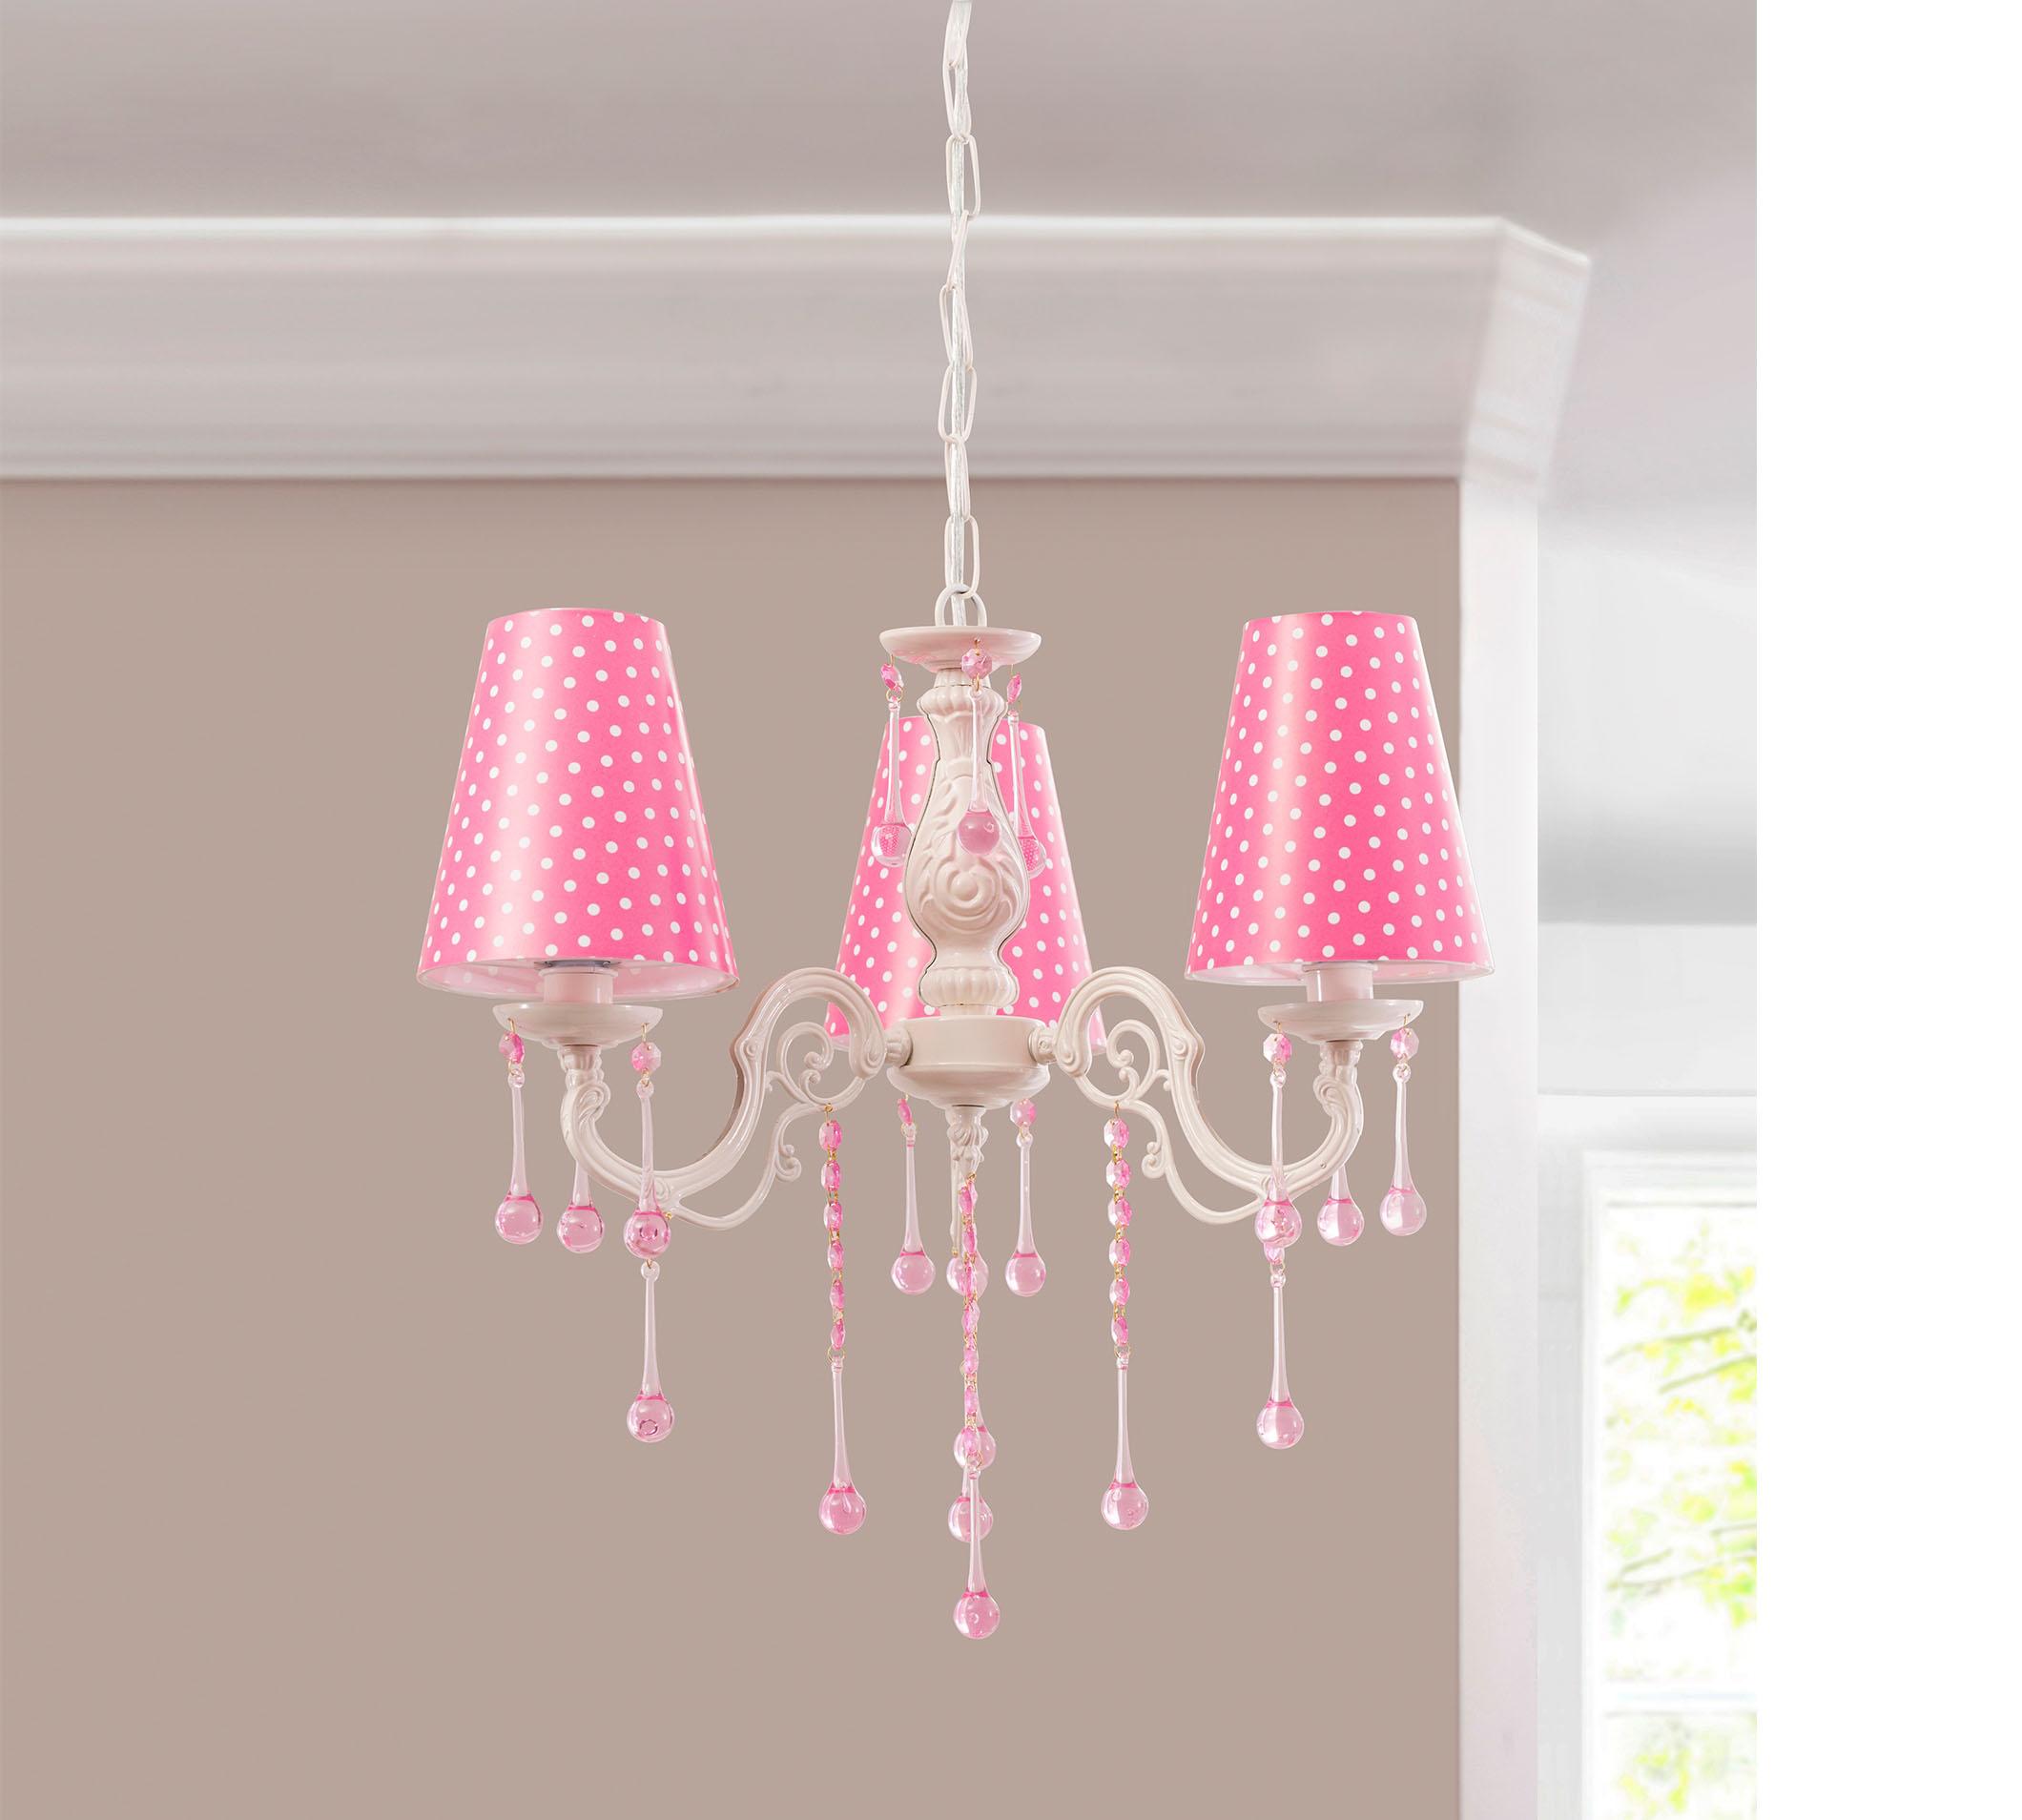 Detsk stropn lampa dotty ru ov cilek for Deckenleuchte jugendzimmer